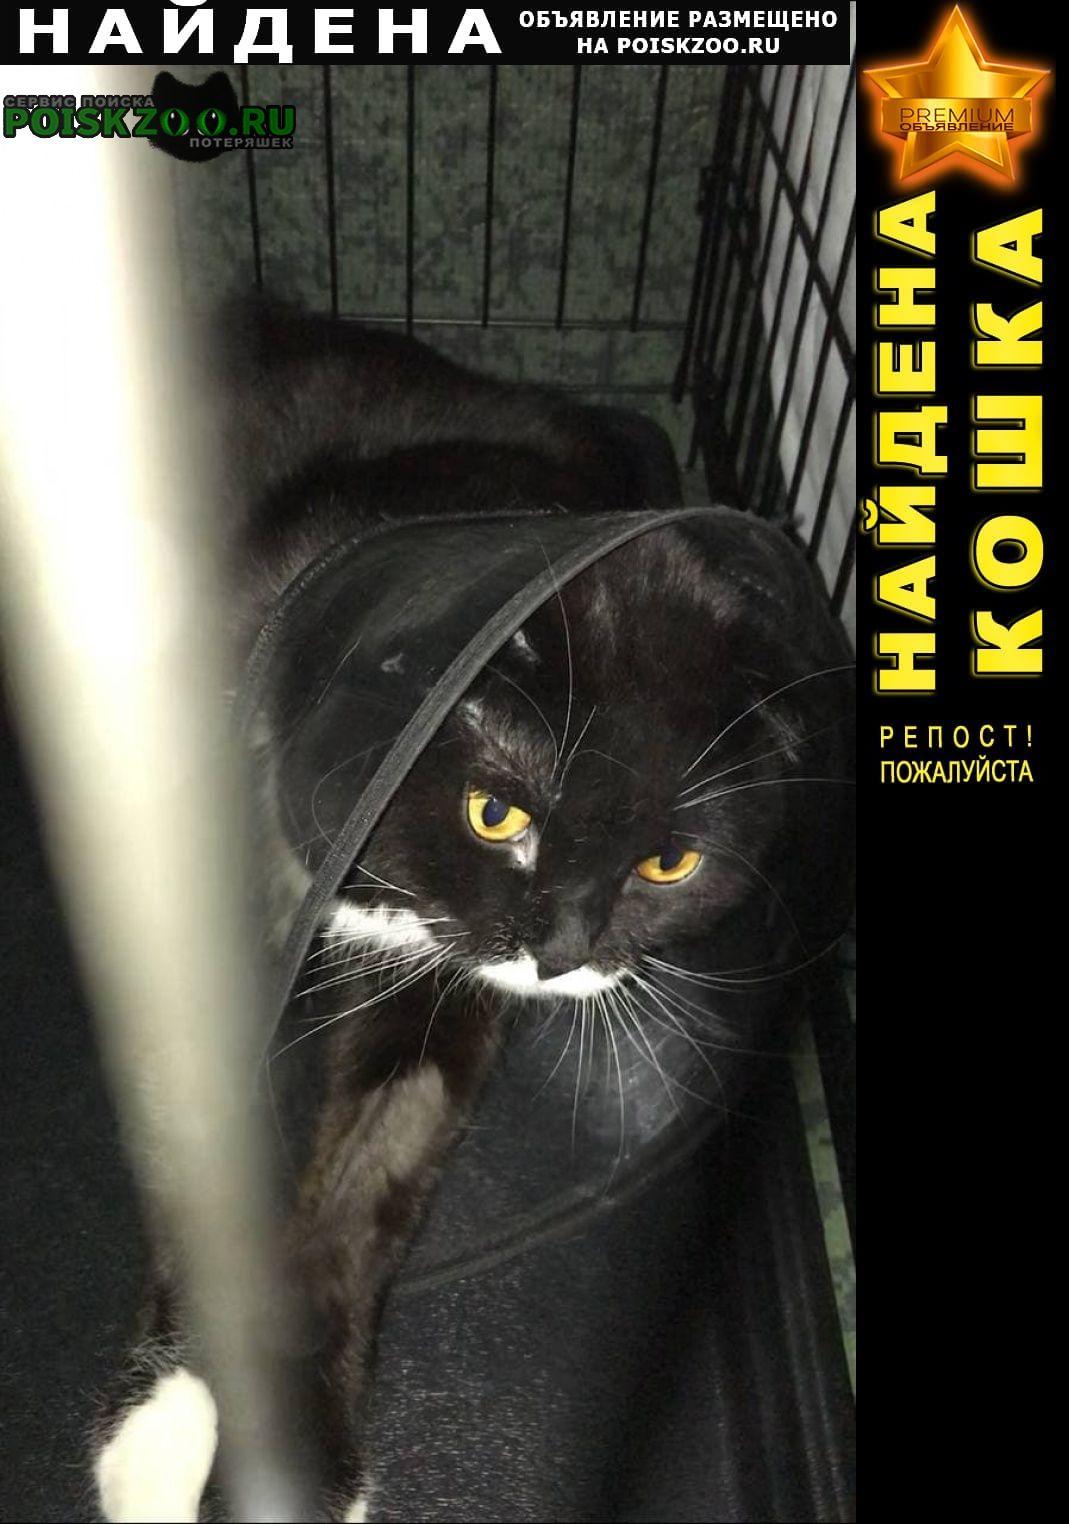 Найден кот спасёныш Краснодар